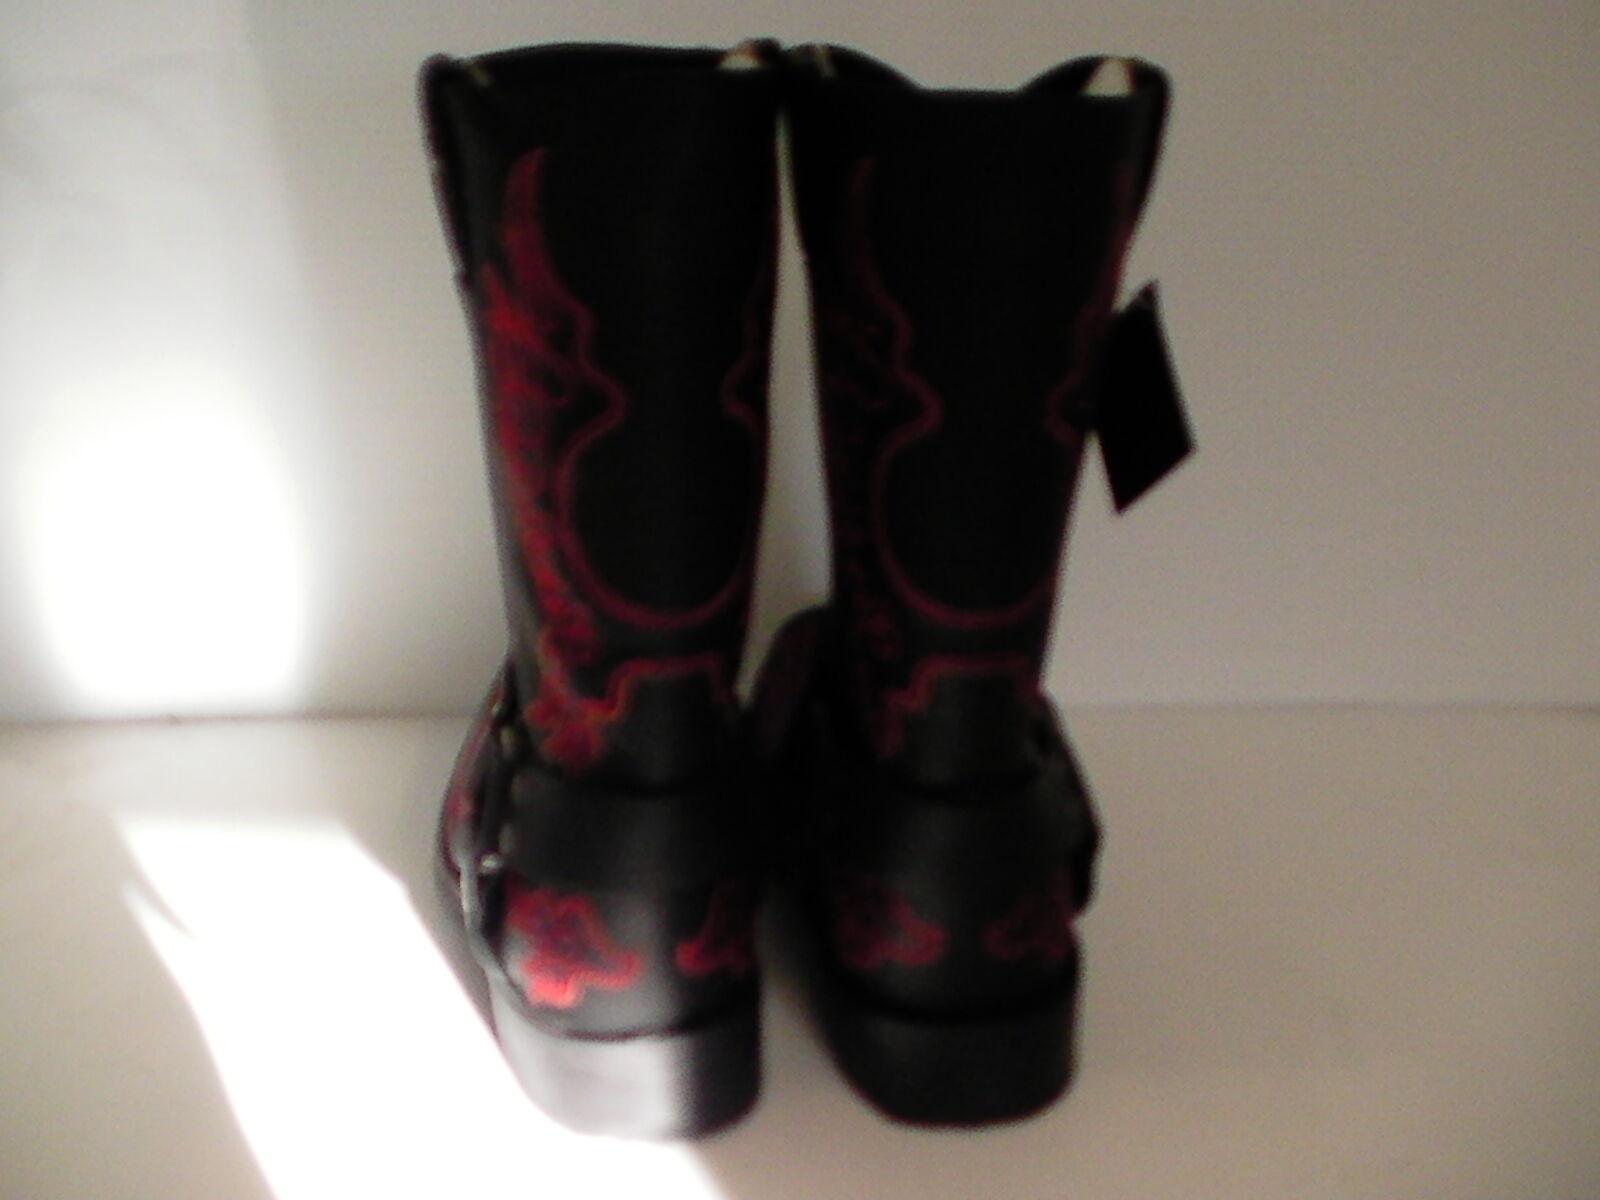 Mens Mens Mens Harley Davidson boots Slayton D93141 leather black oil resisting size 9 us 2f8968